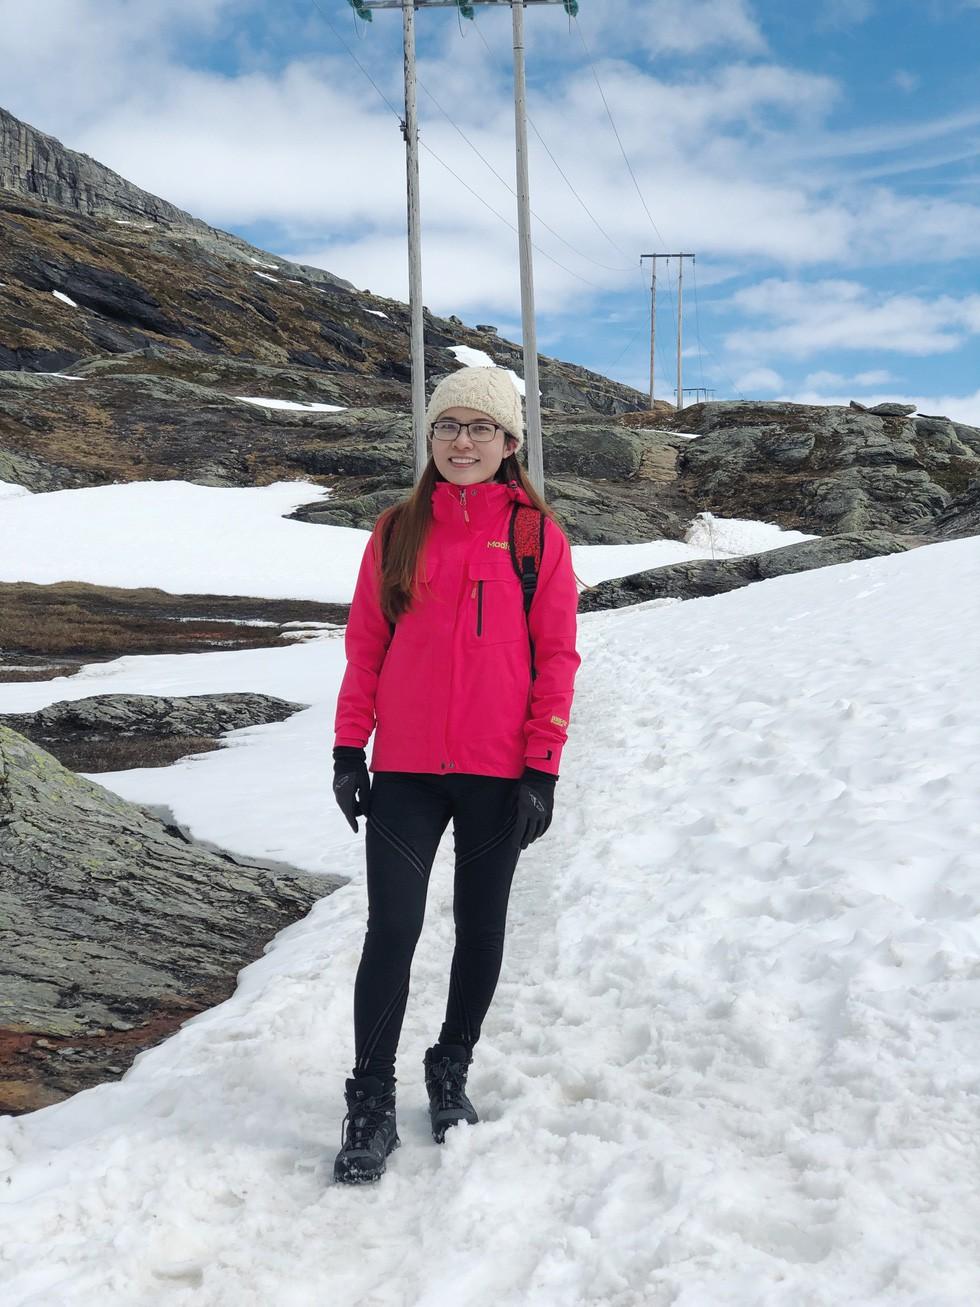 Cô gái Việt trèo đèo lội tuyết lên 'Lưỡi quỉ' ở Na Uy - Ảnh 9.